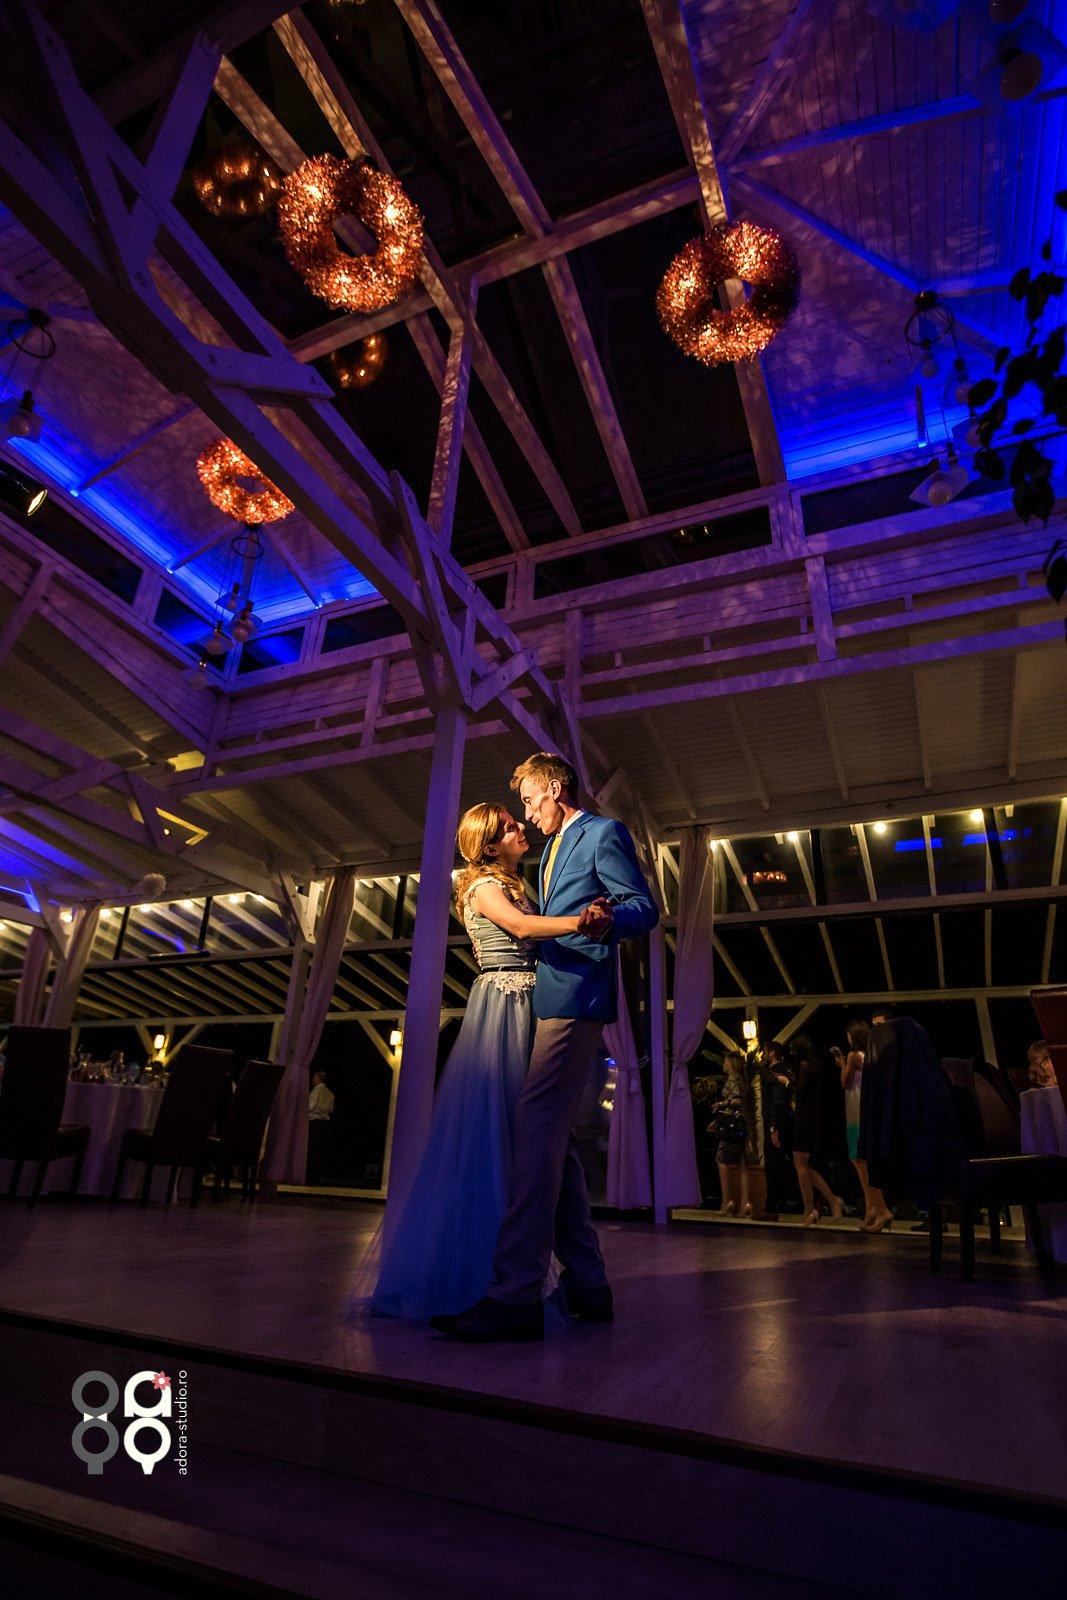 fotografii-dans-nunta